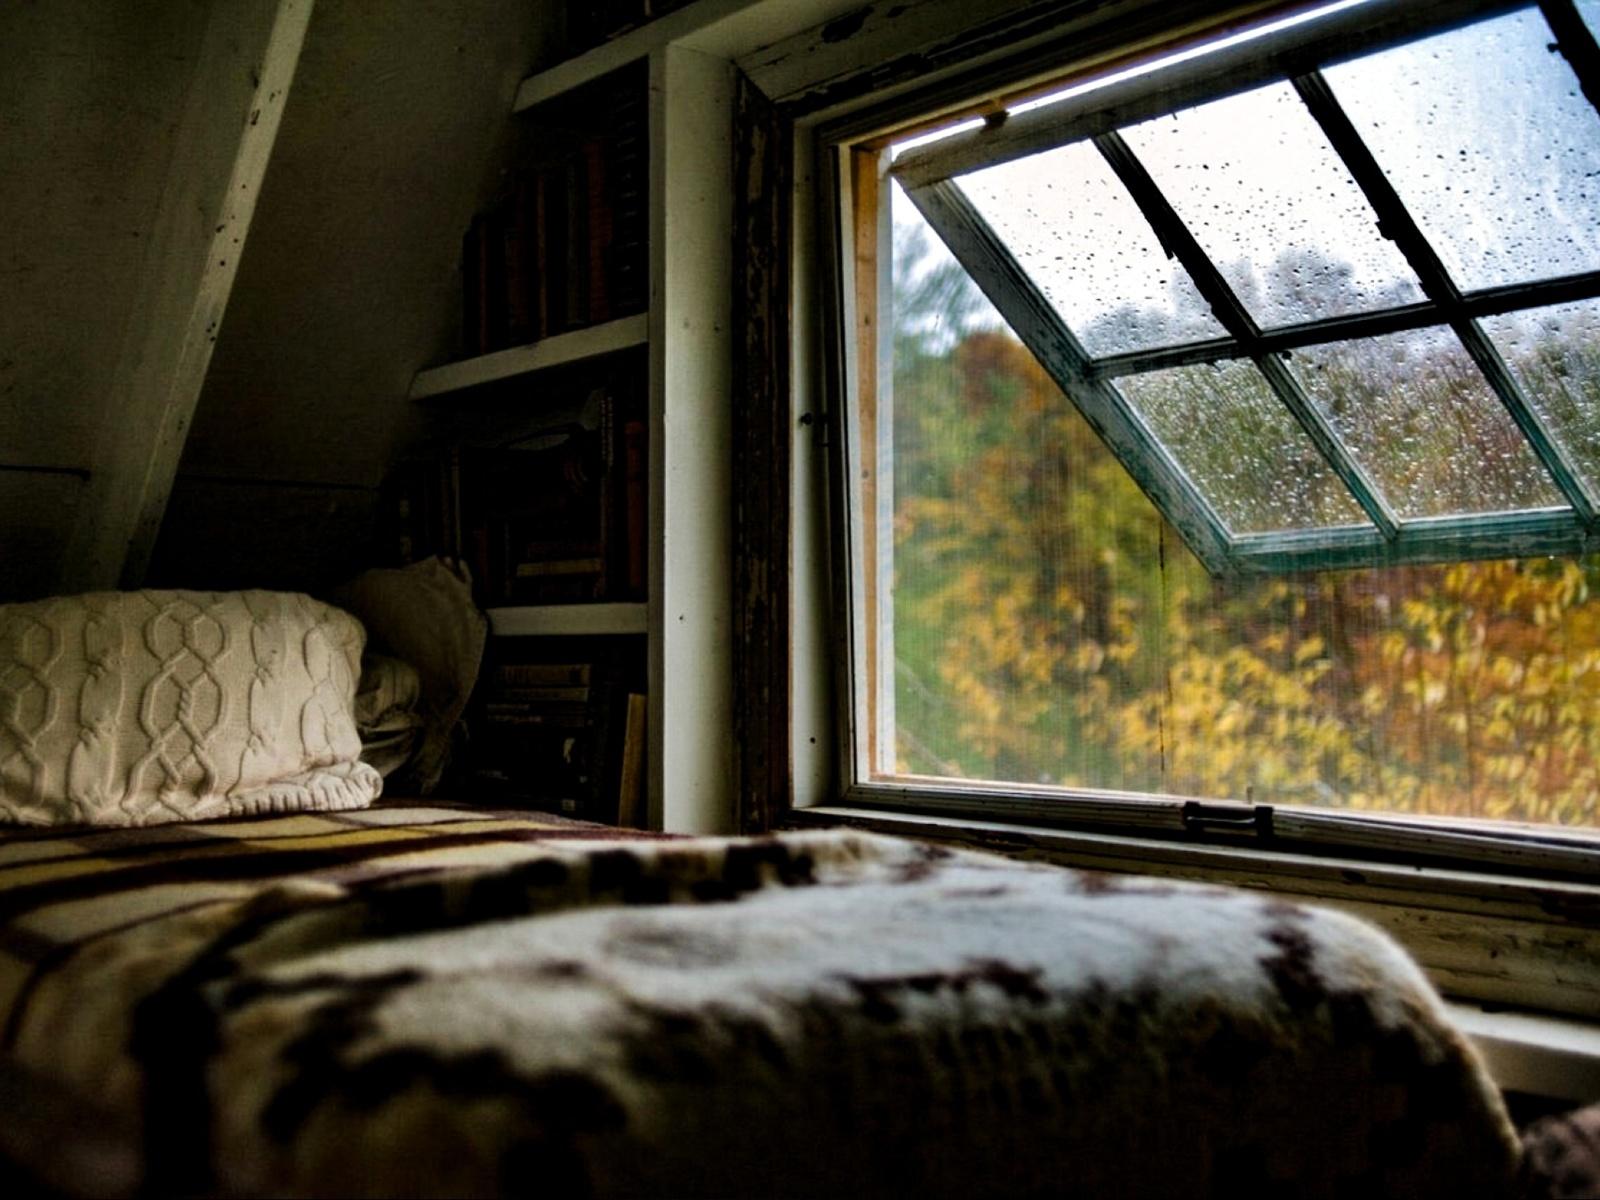 теплые цвета, осень, кровать, дождь